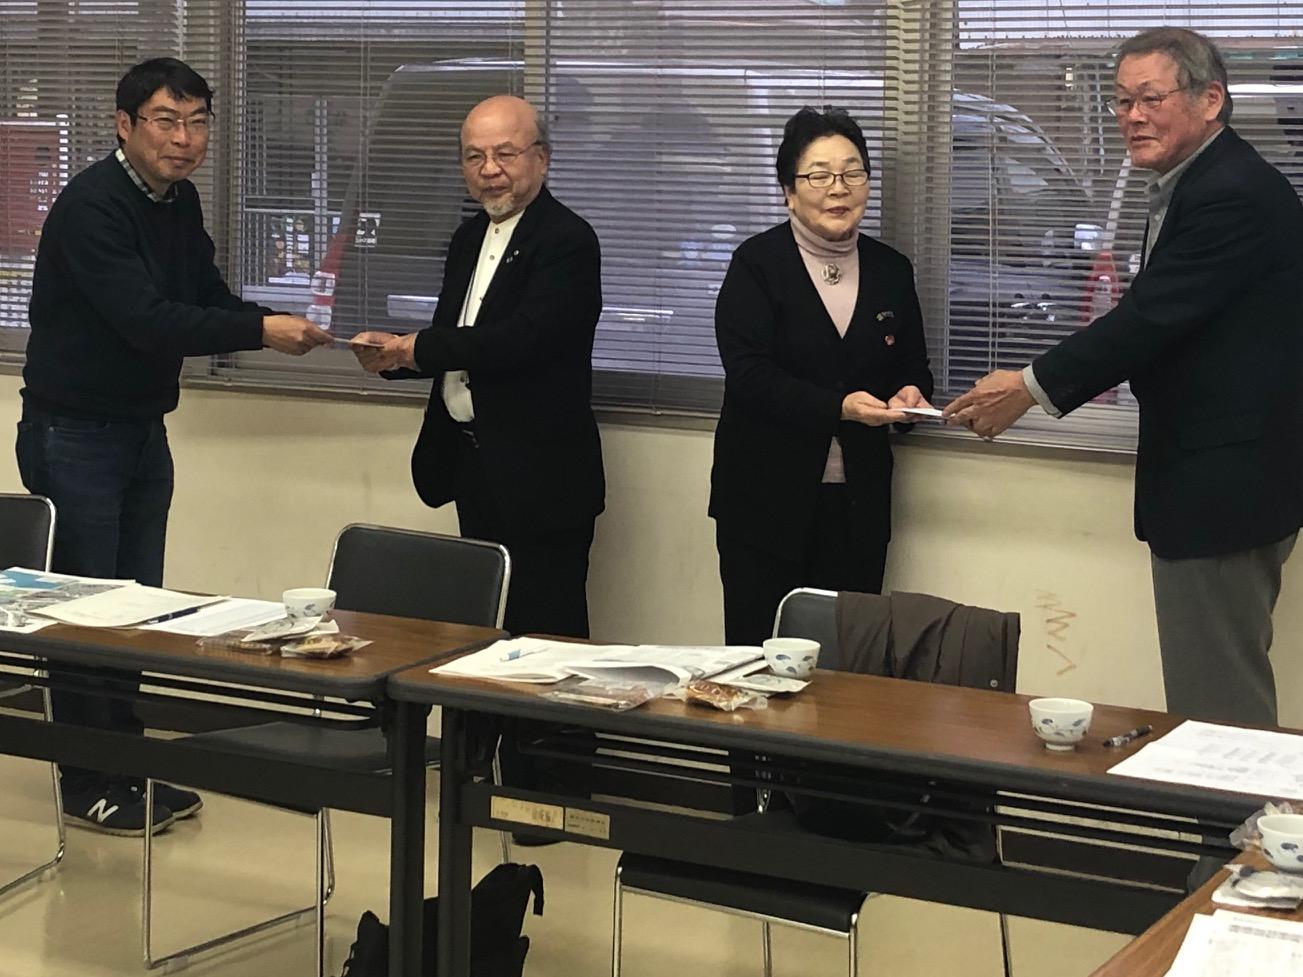 被爆者に募金を手渡す(写真左から佐藤理事、高橋氏、木内氏、杉本会長)